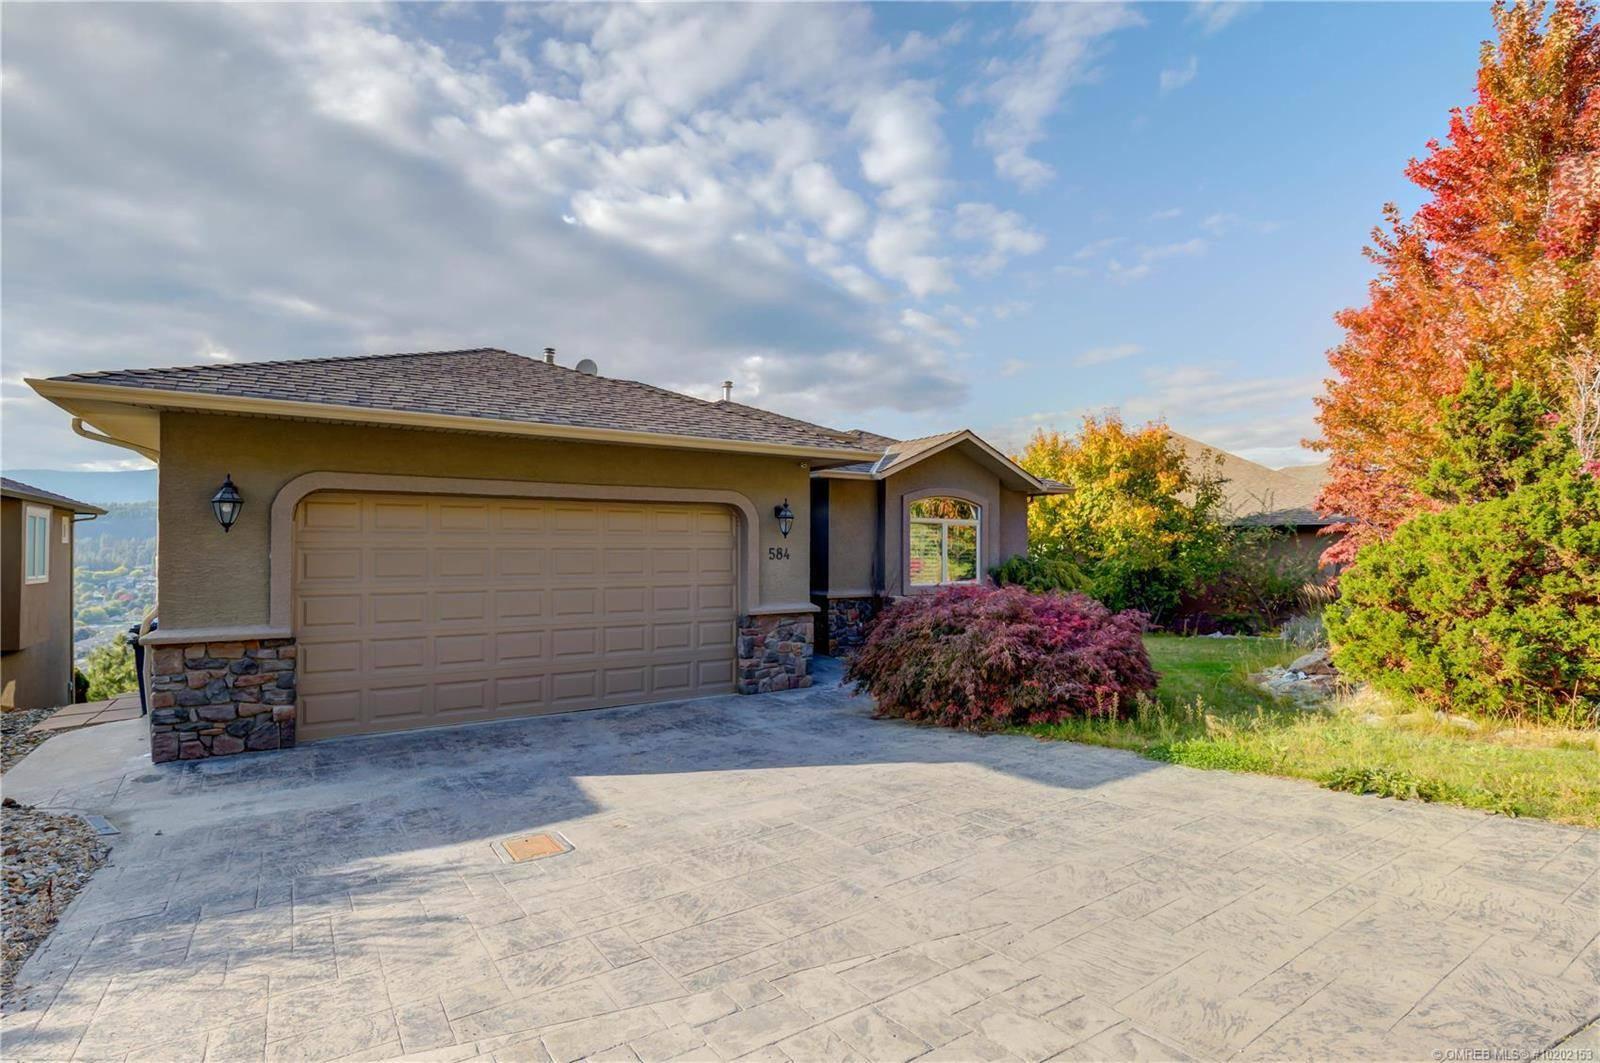 House for sale at 584 Denali Dr Kelowna British Columbia - MLS: 10202153